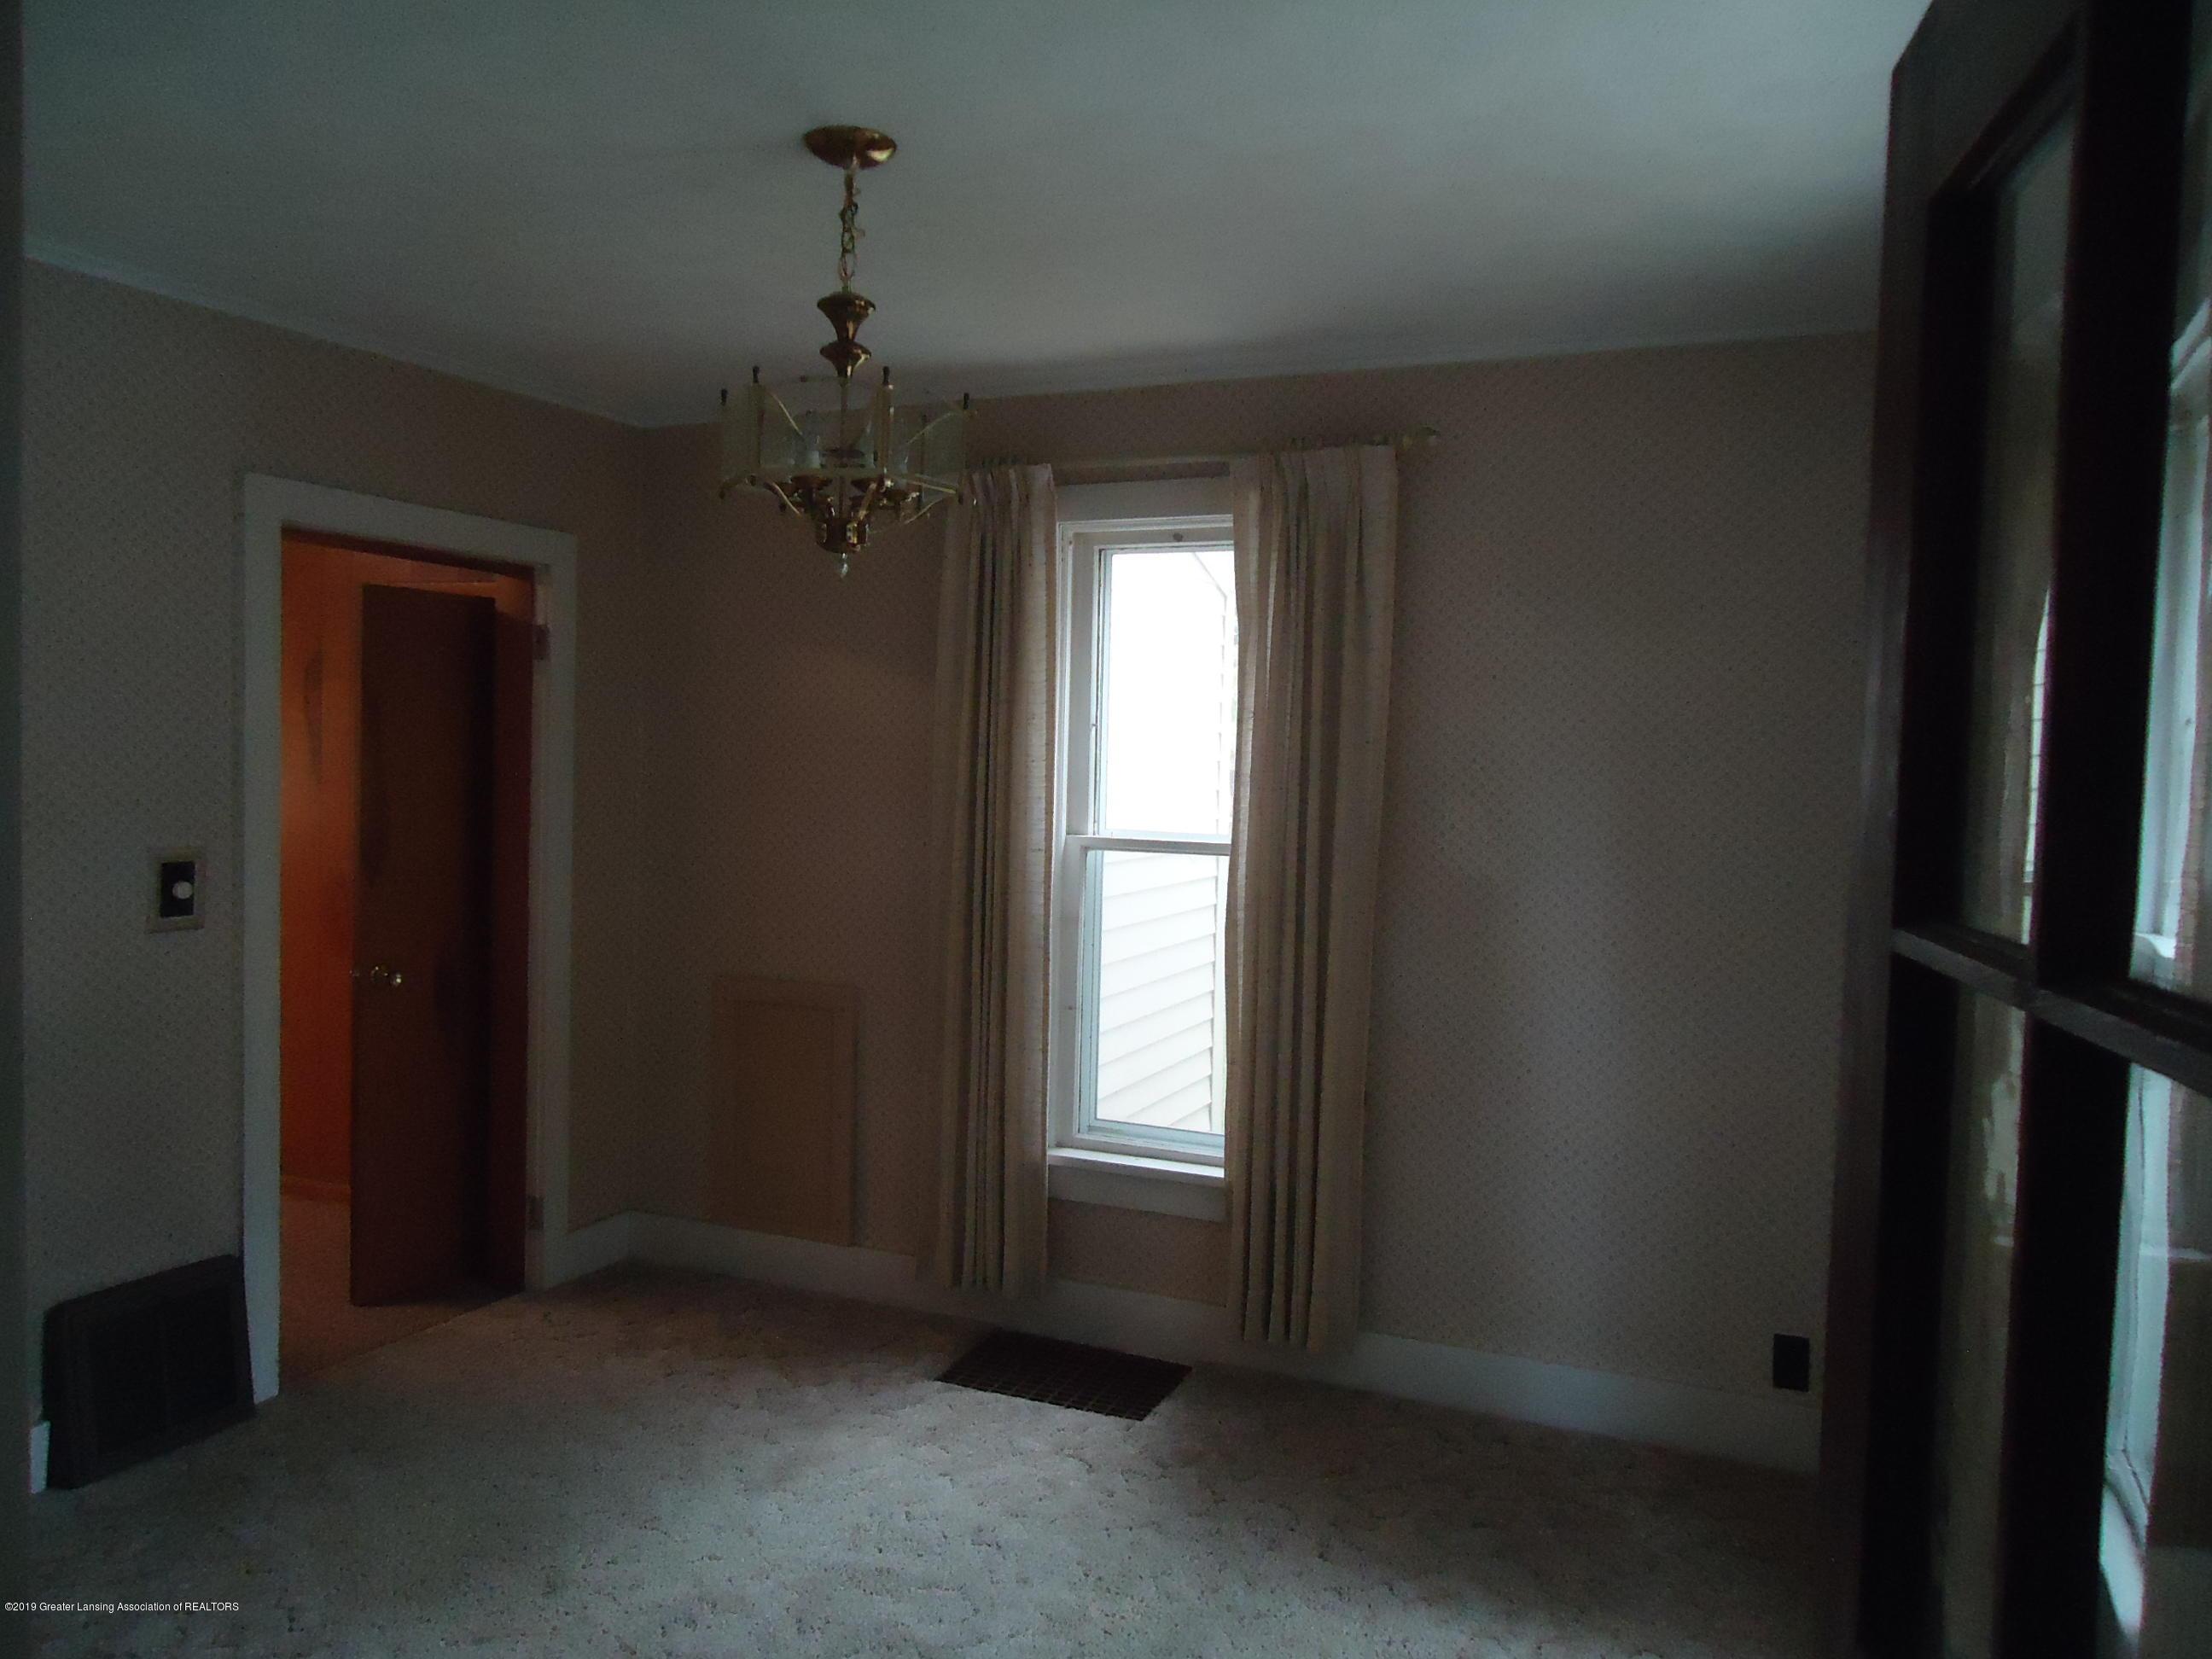 309 E Lovett St - 13-1 Dining Room - 8